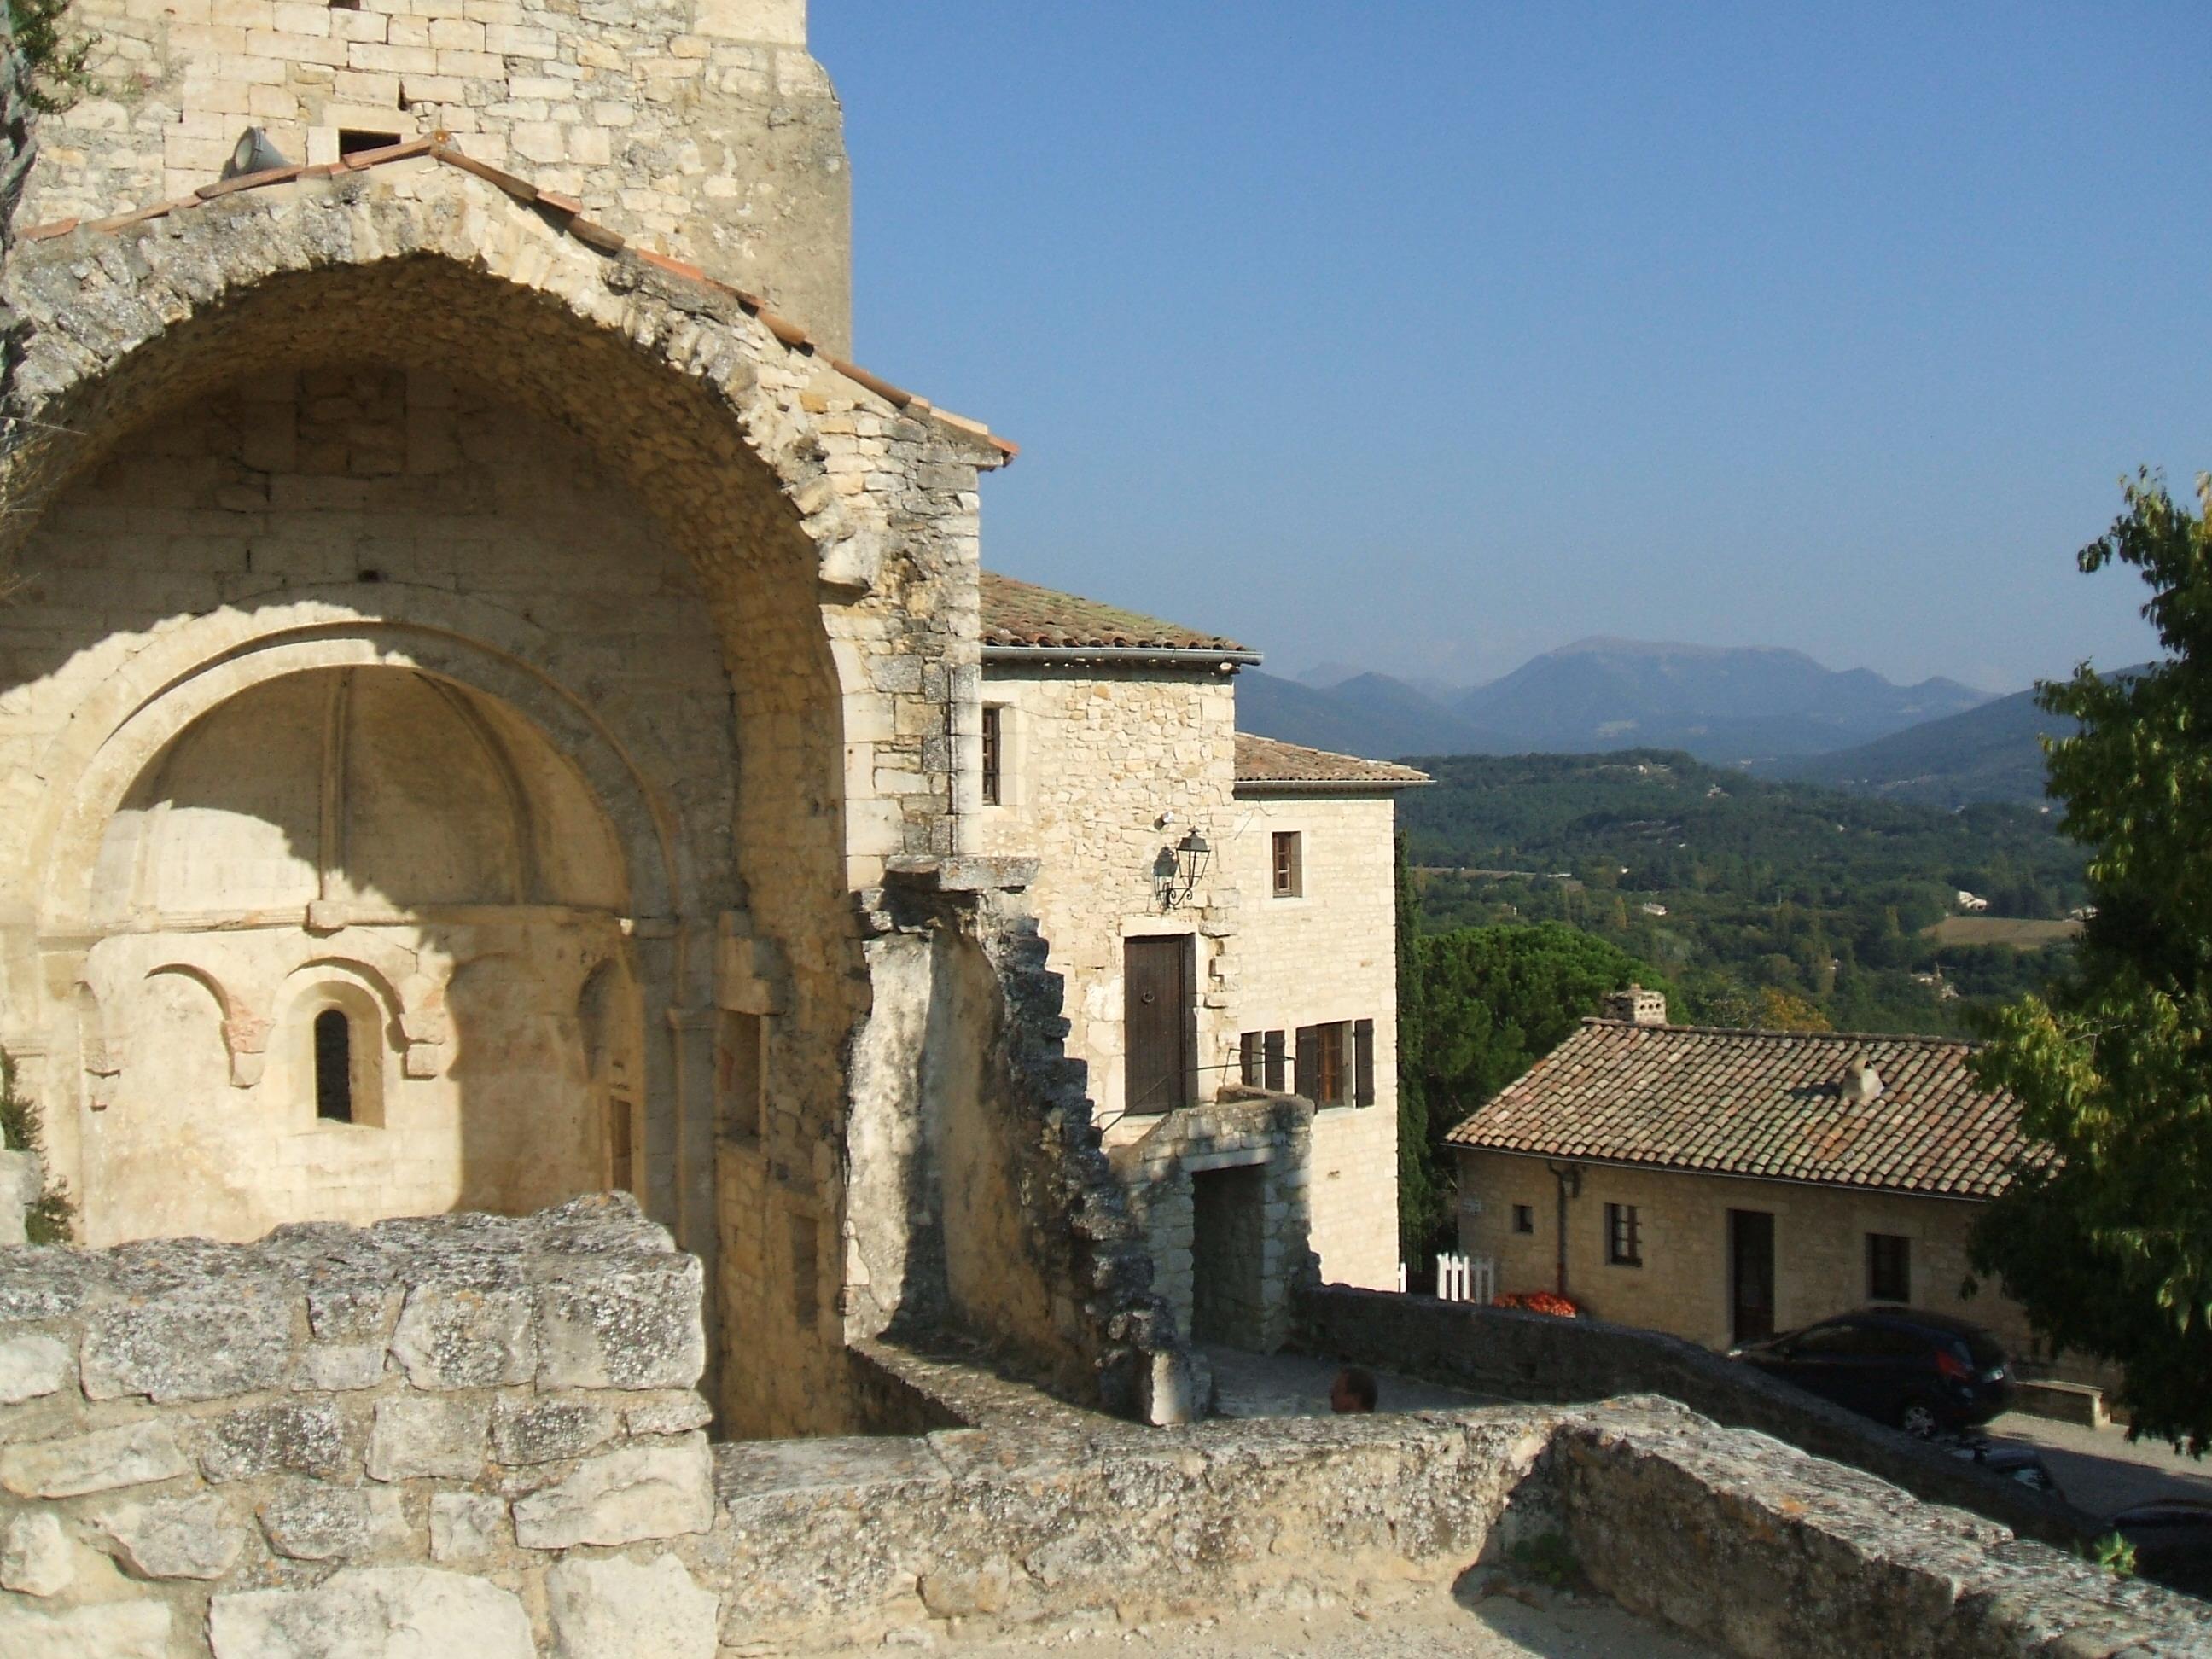 R solu le patrimoine architectural en france ou dans le - Le comptoir de martine colombey les deux eglises ...